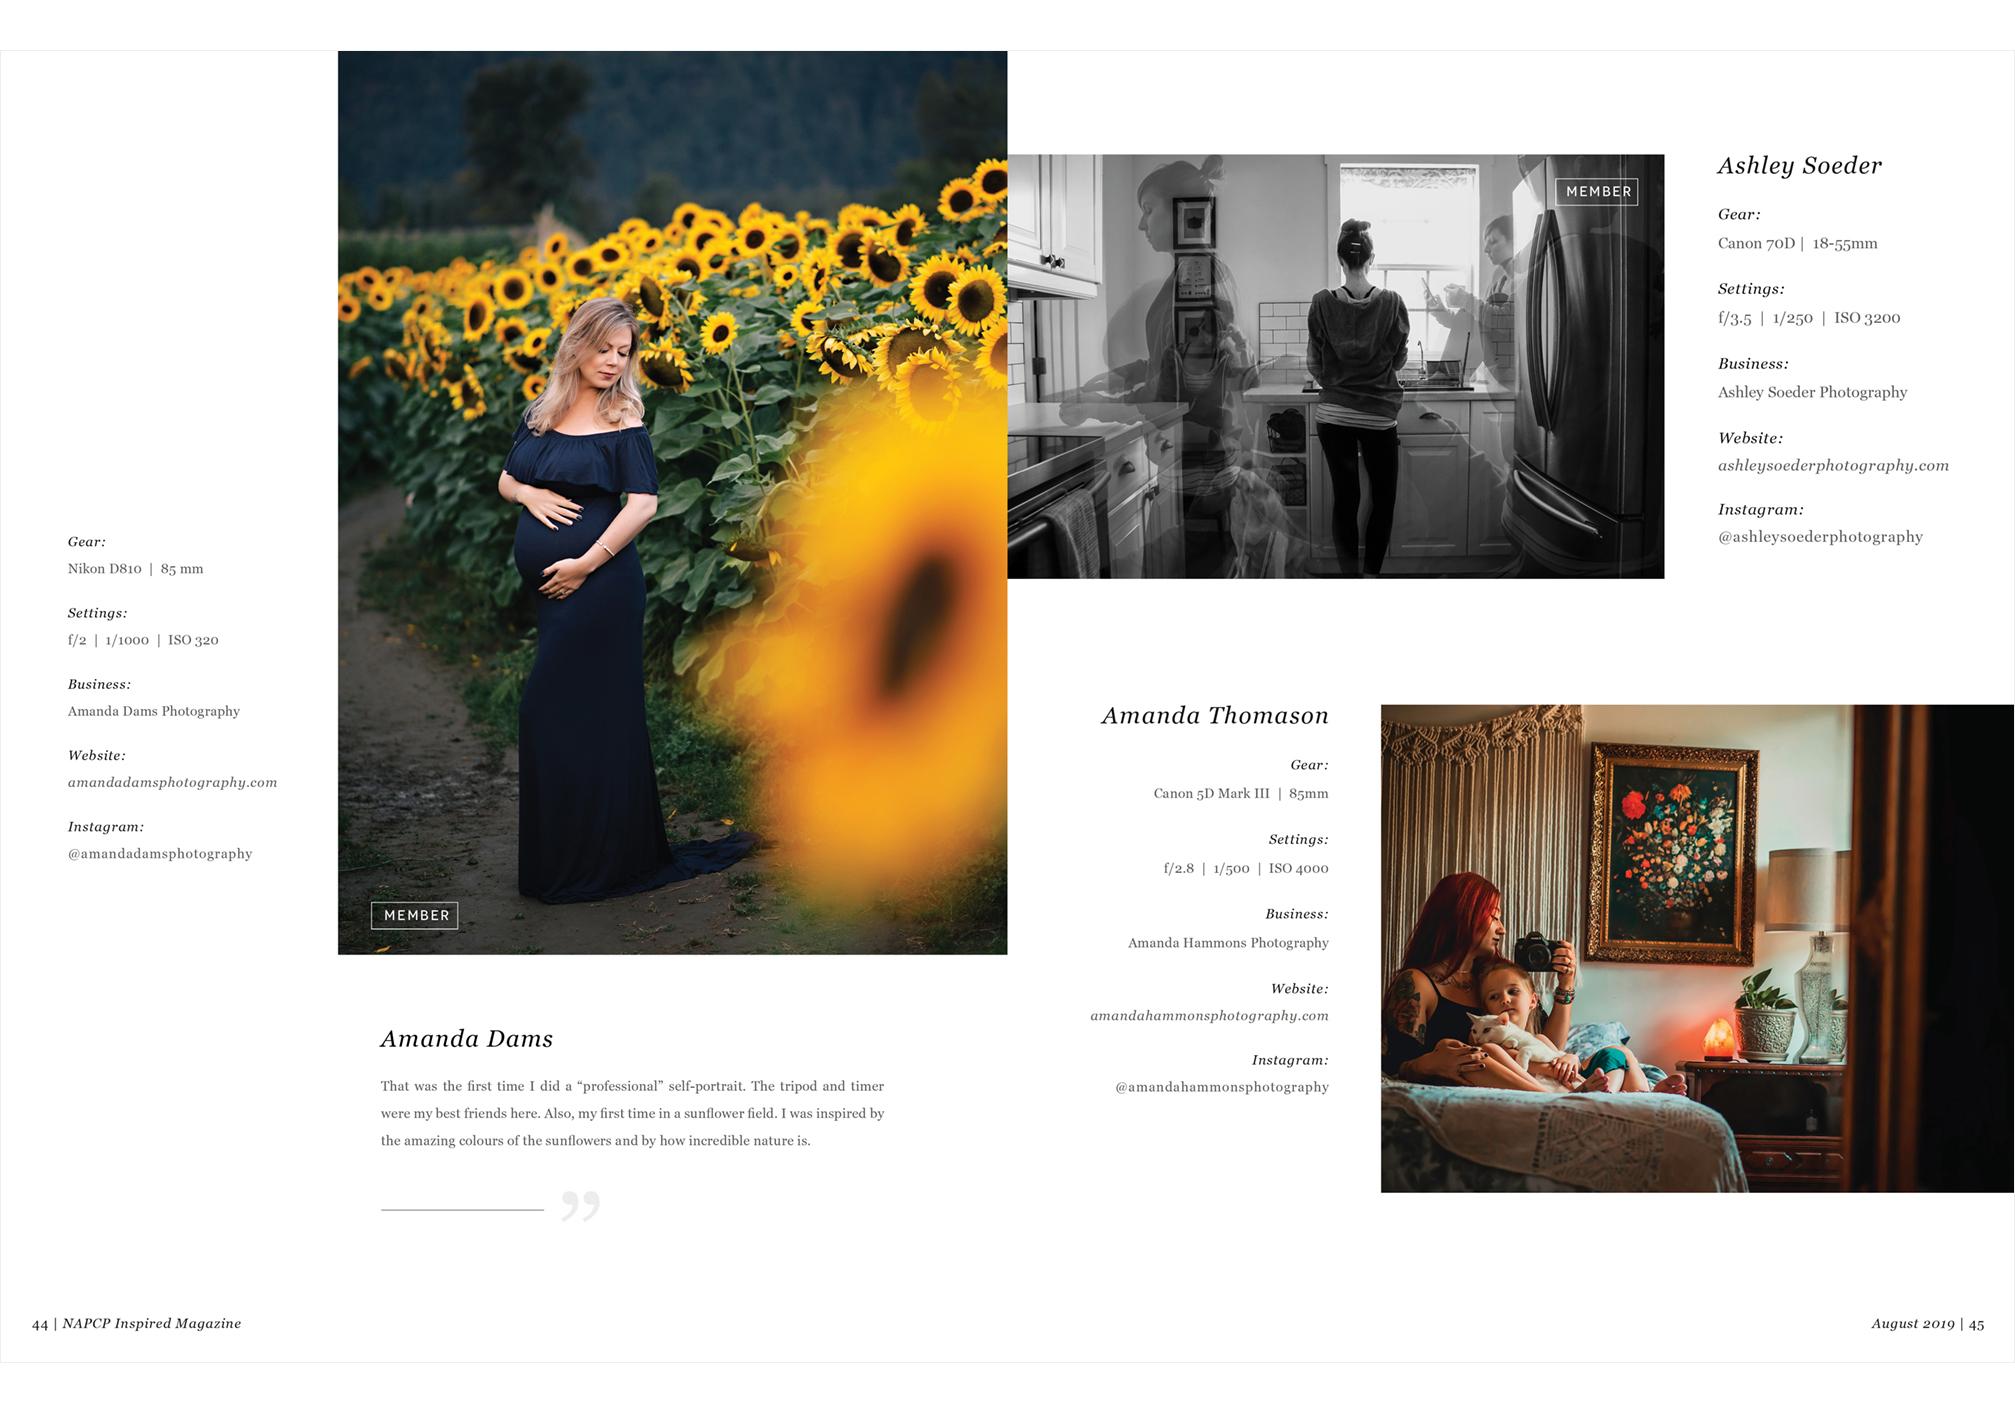 Inspired Magazine, Amanda Dams, Ashley Soeder, Amanda Thomason